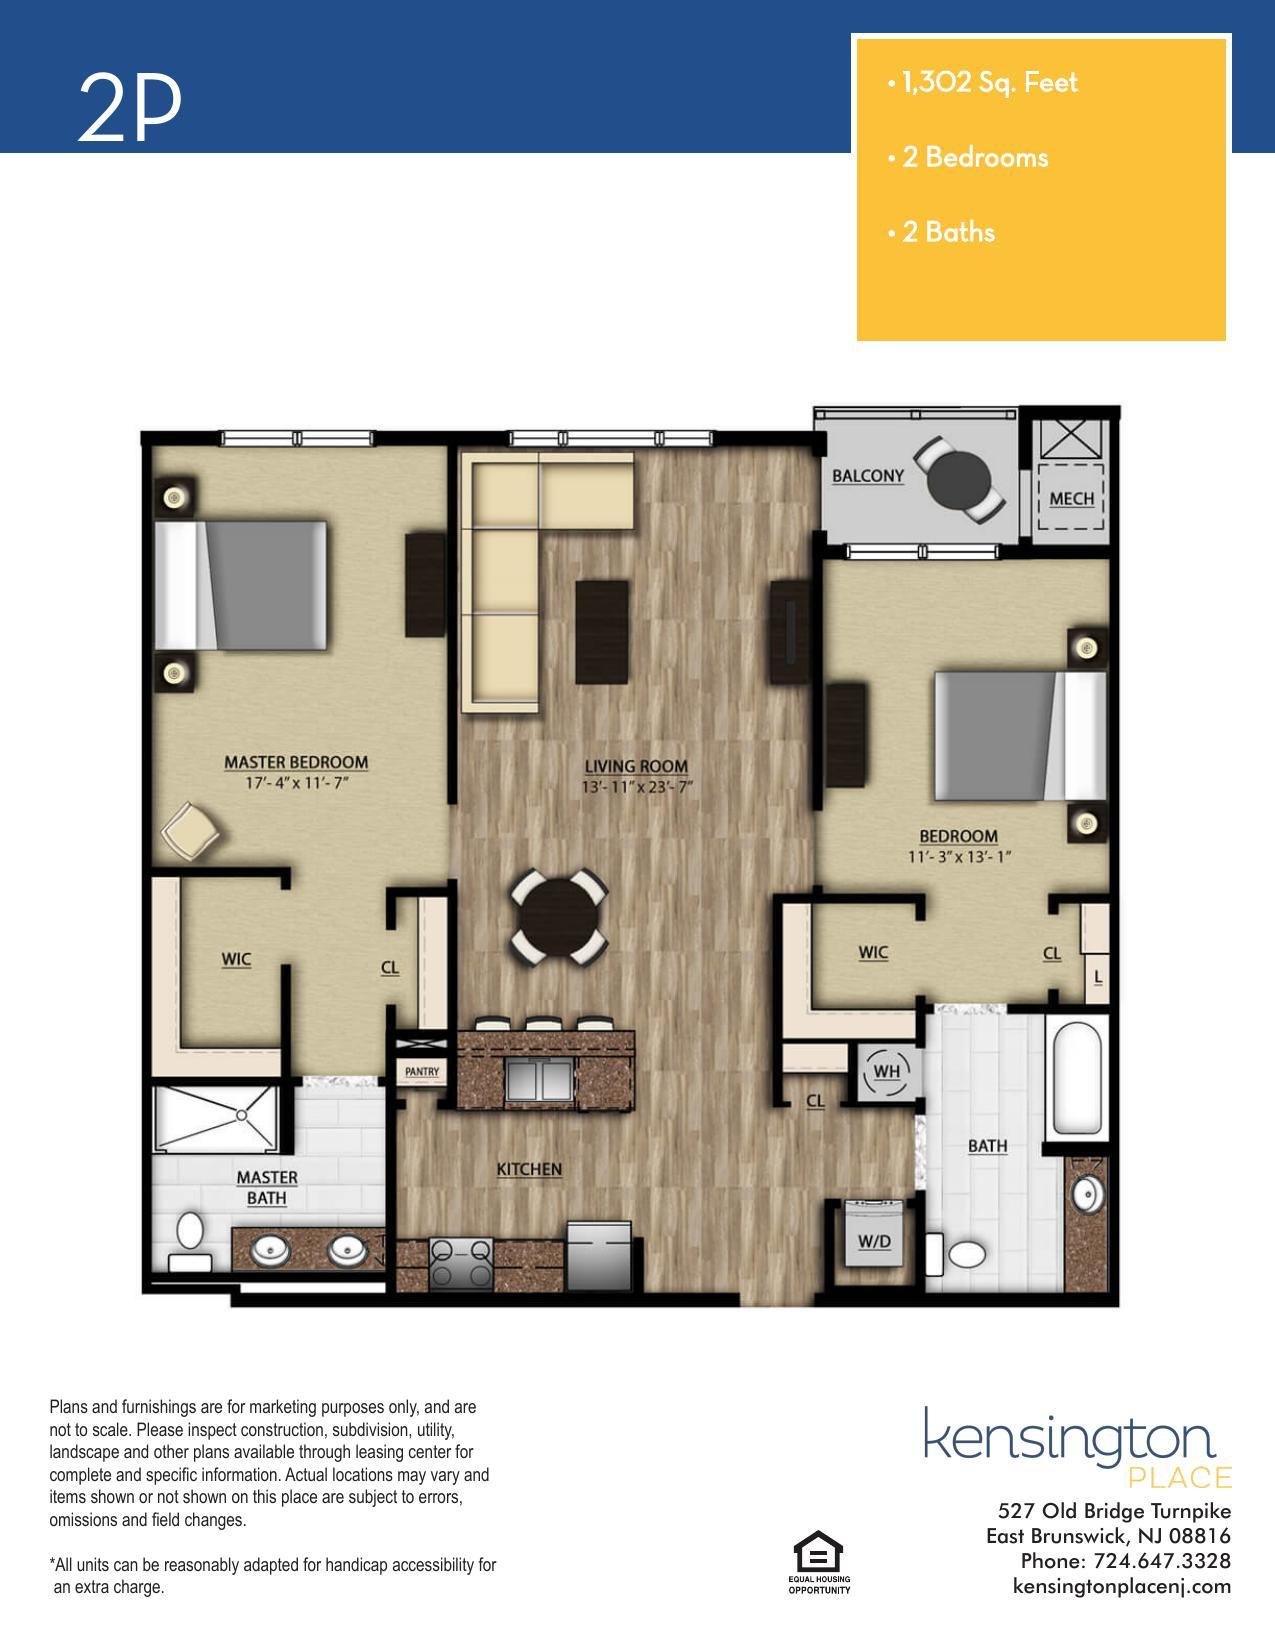 2P Floor Plan